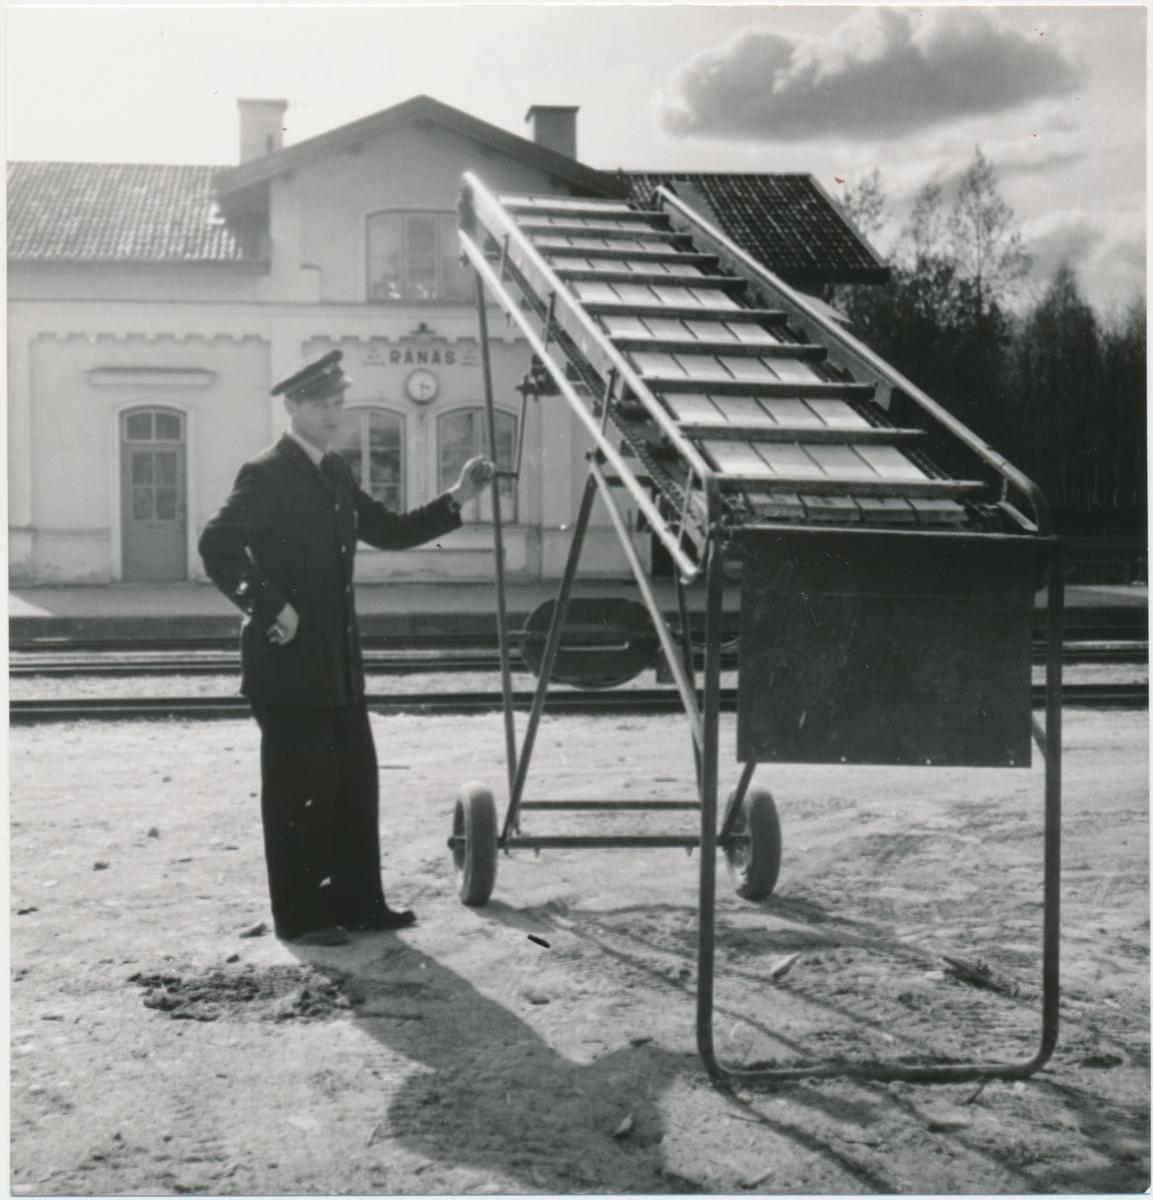 Transportör för lastning av gods på överförningsvagn från zinkvittfabriken i Rånäs, maj 1956.